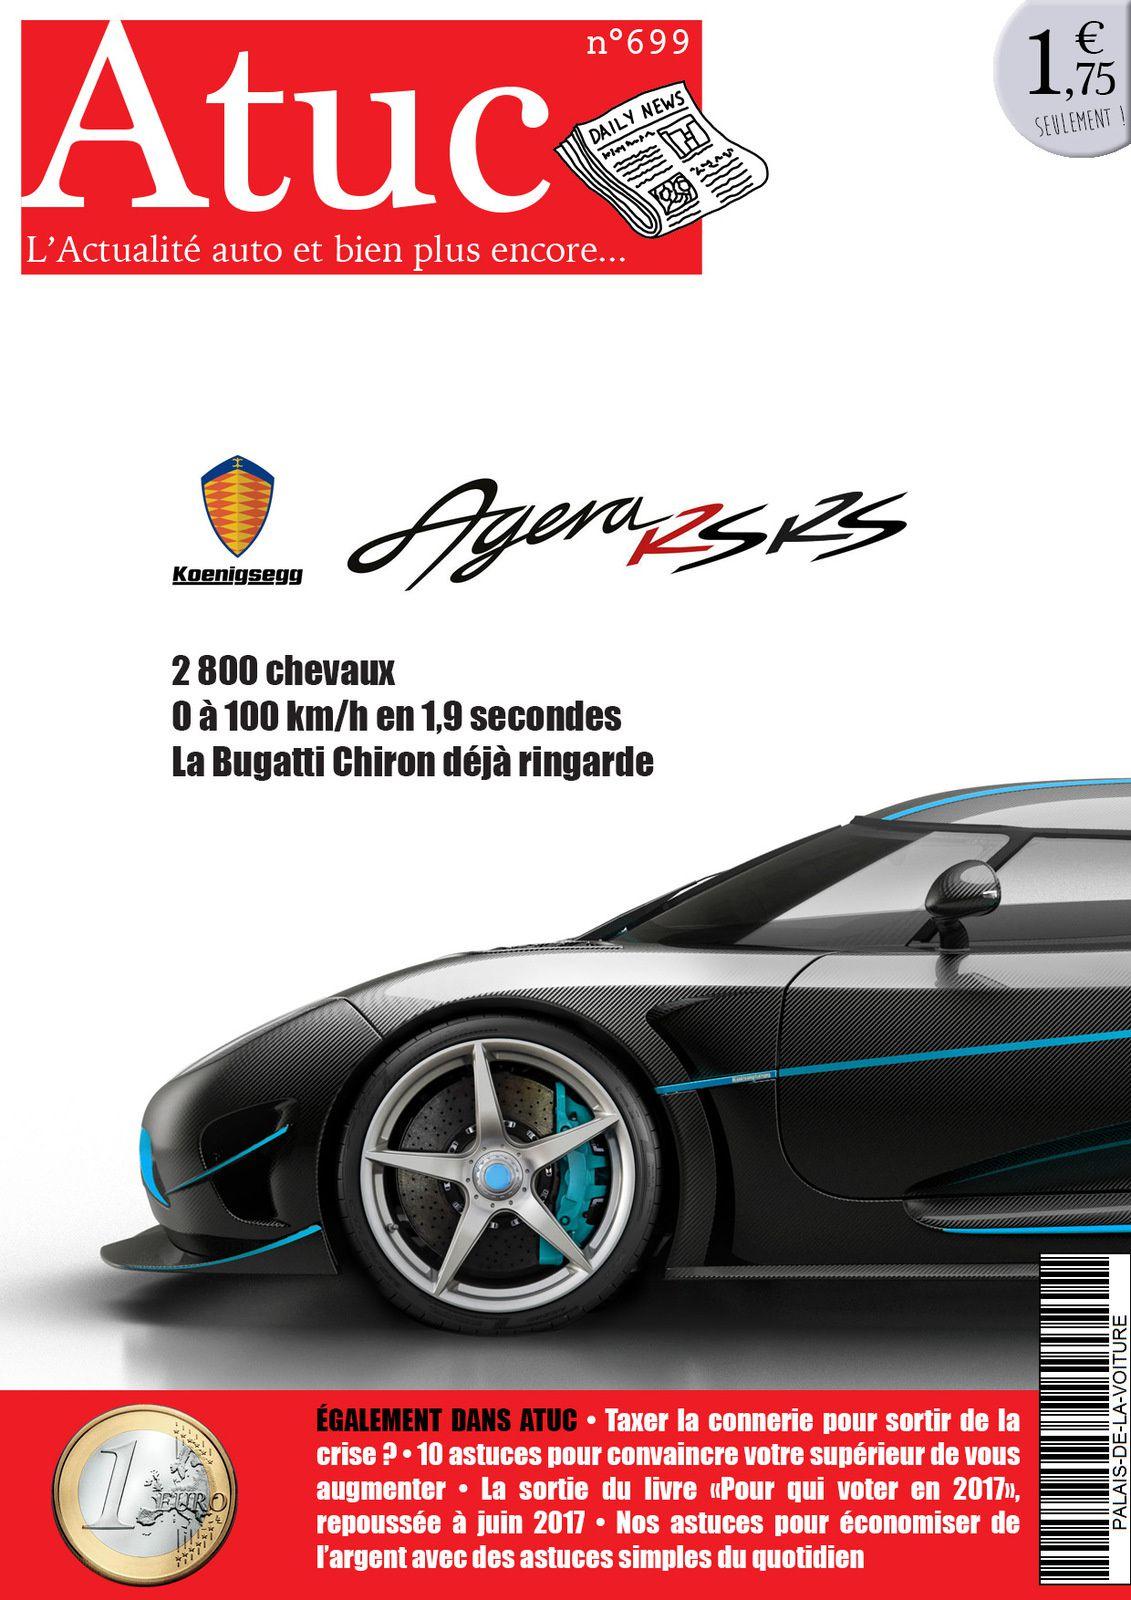 Atuc n°699 • La Koenisegg Agera RS-RS estimée à 2 800 chevaux